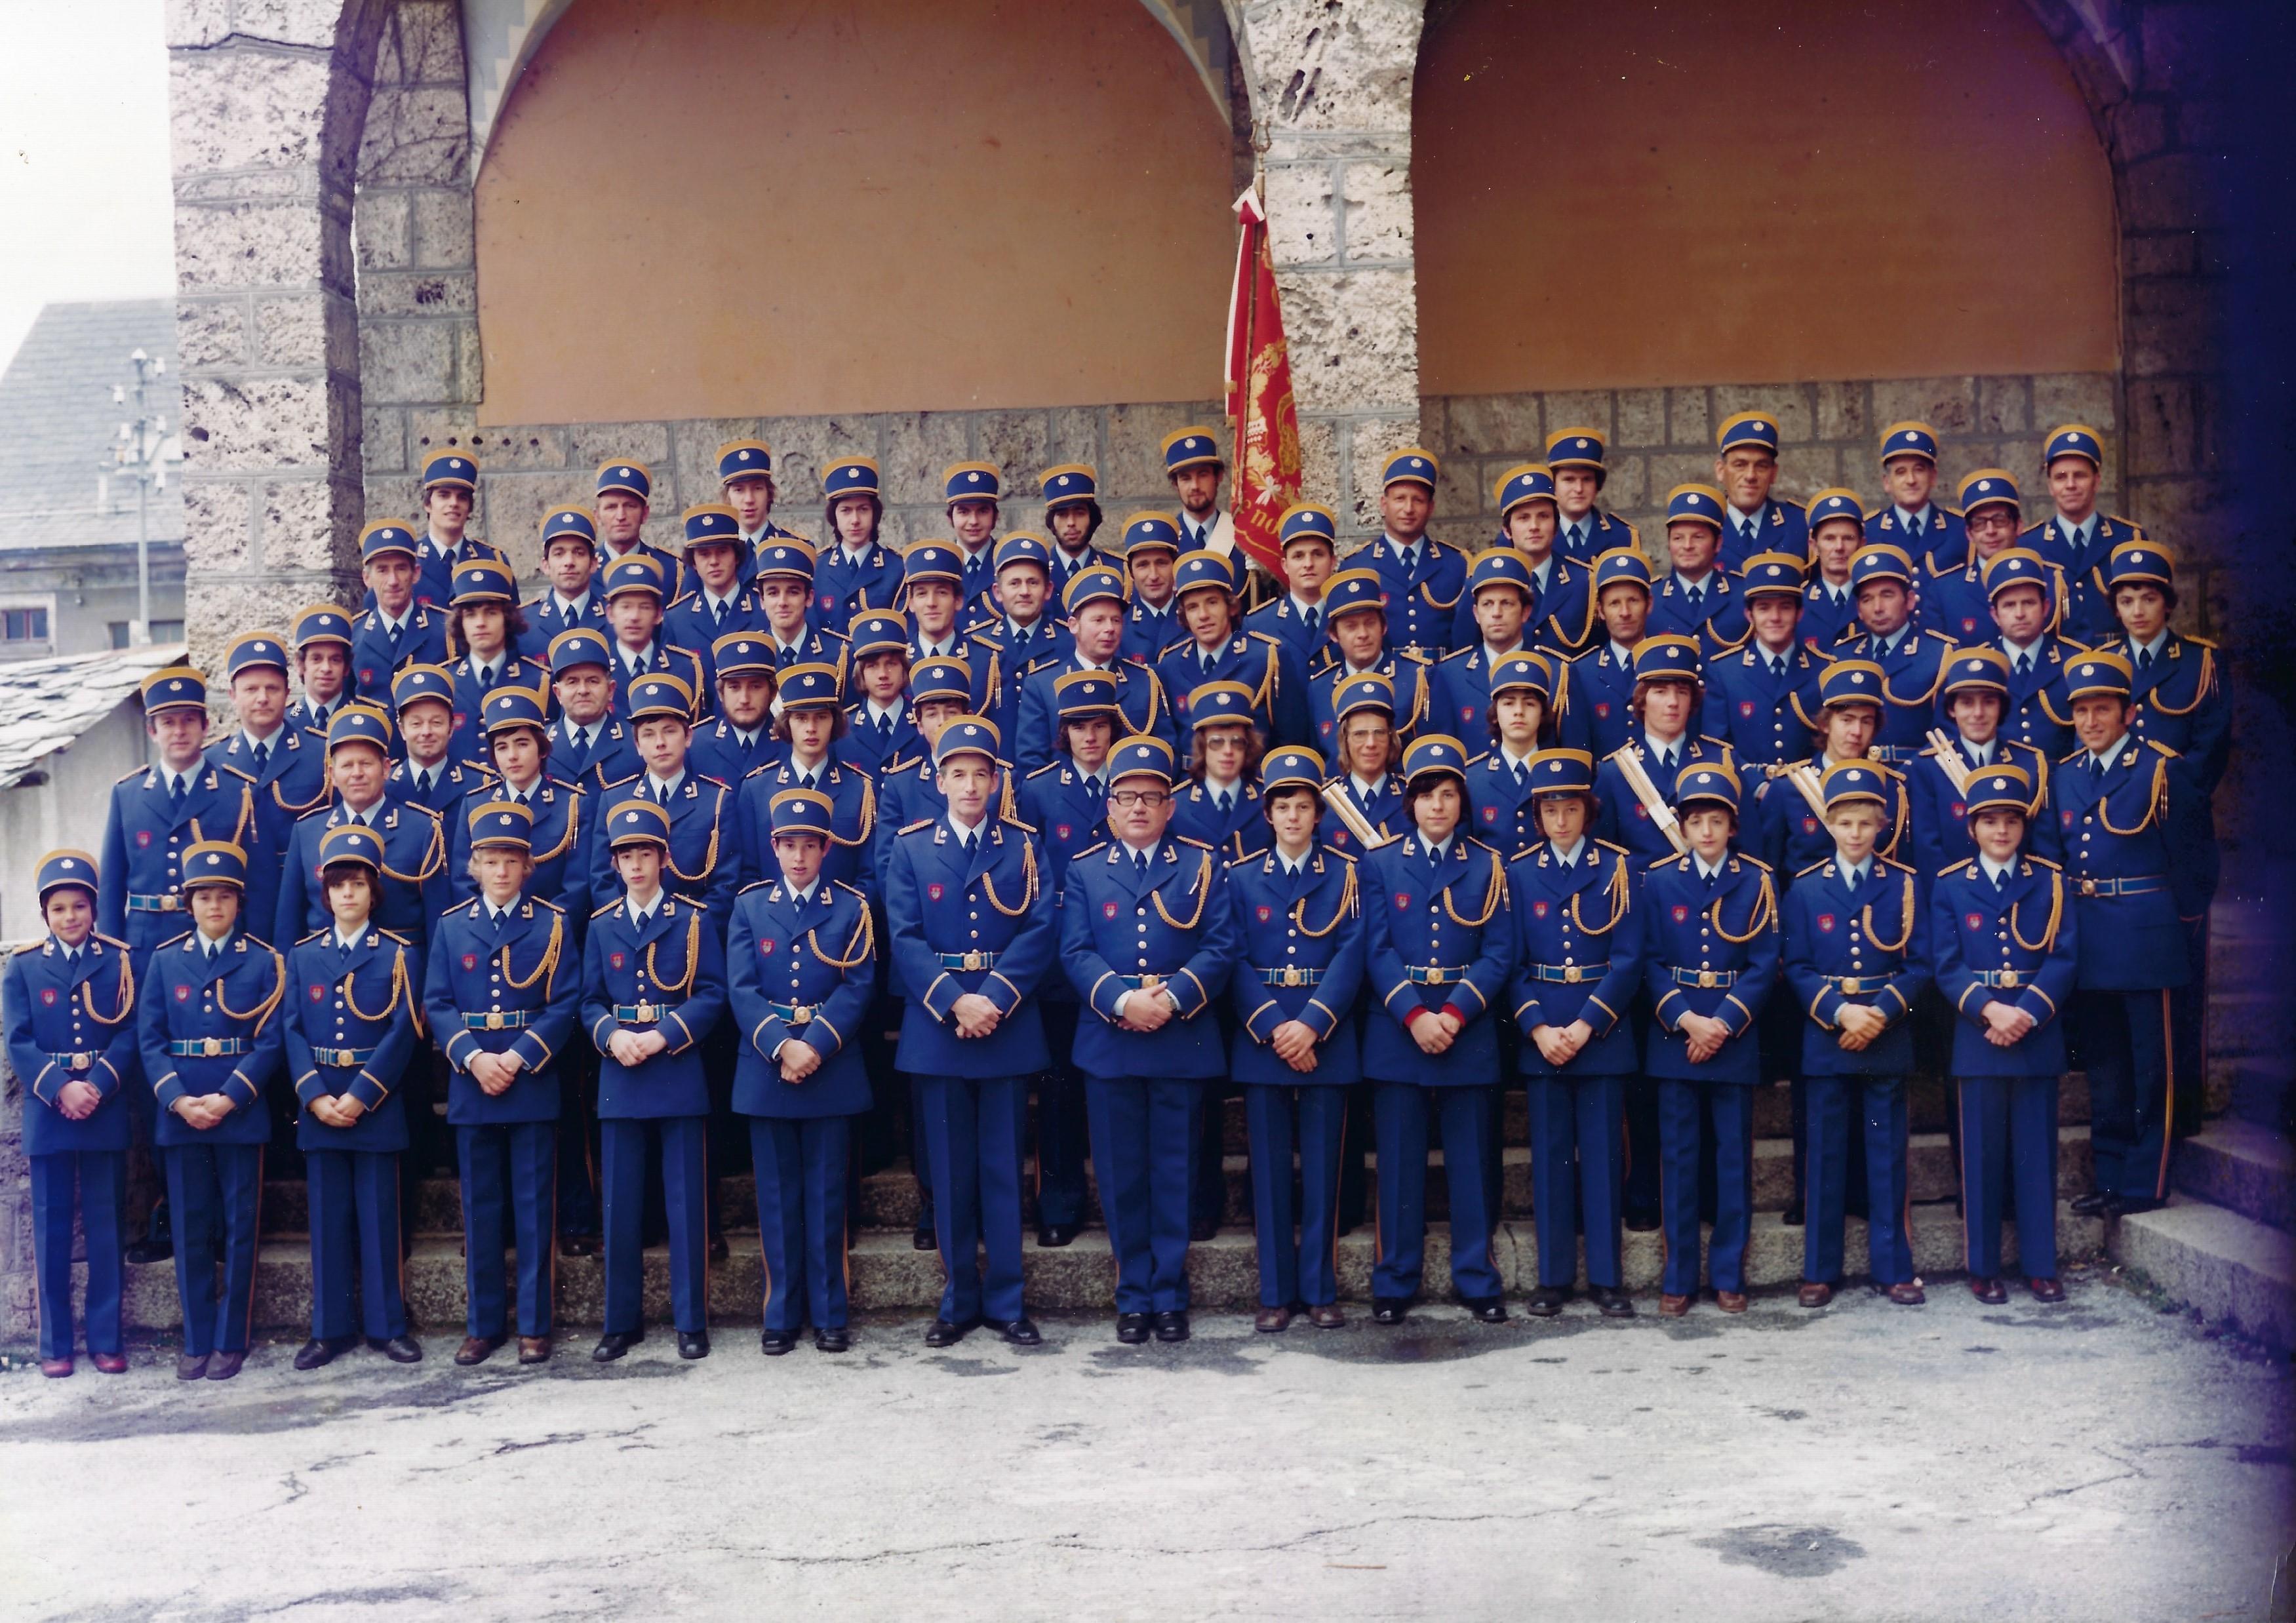 Inauguration du costume et du drapeau en 1975